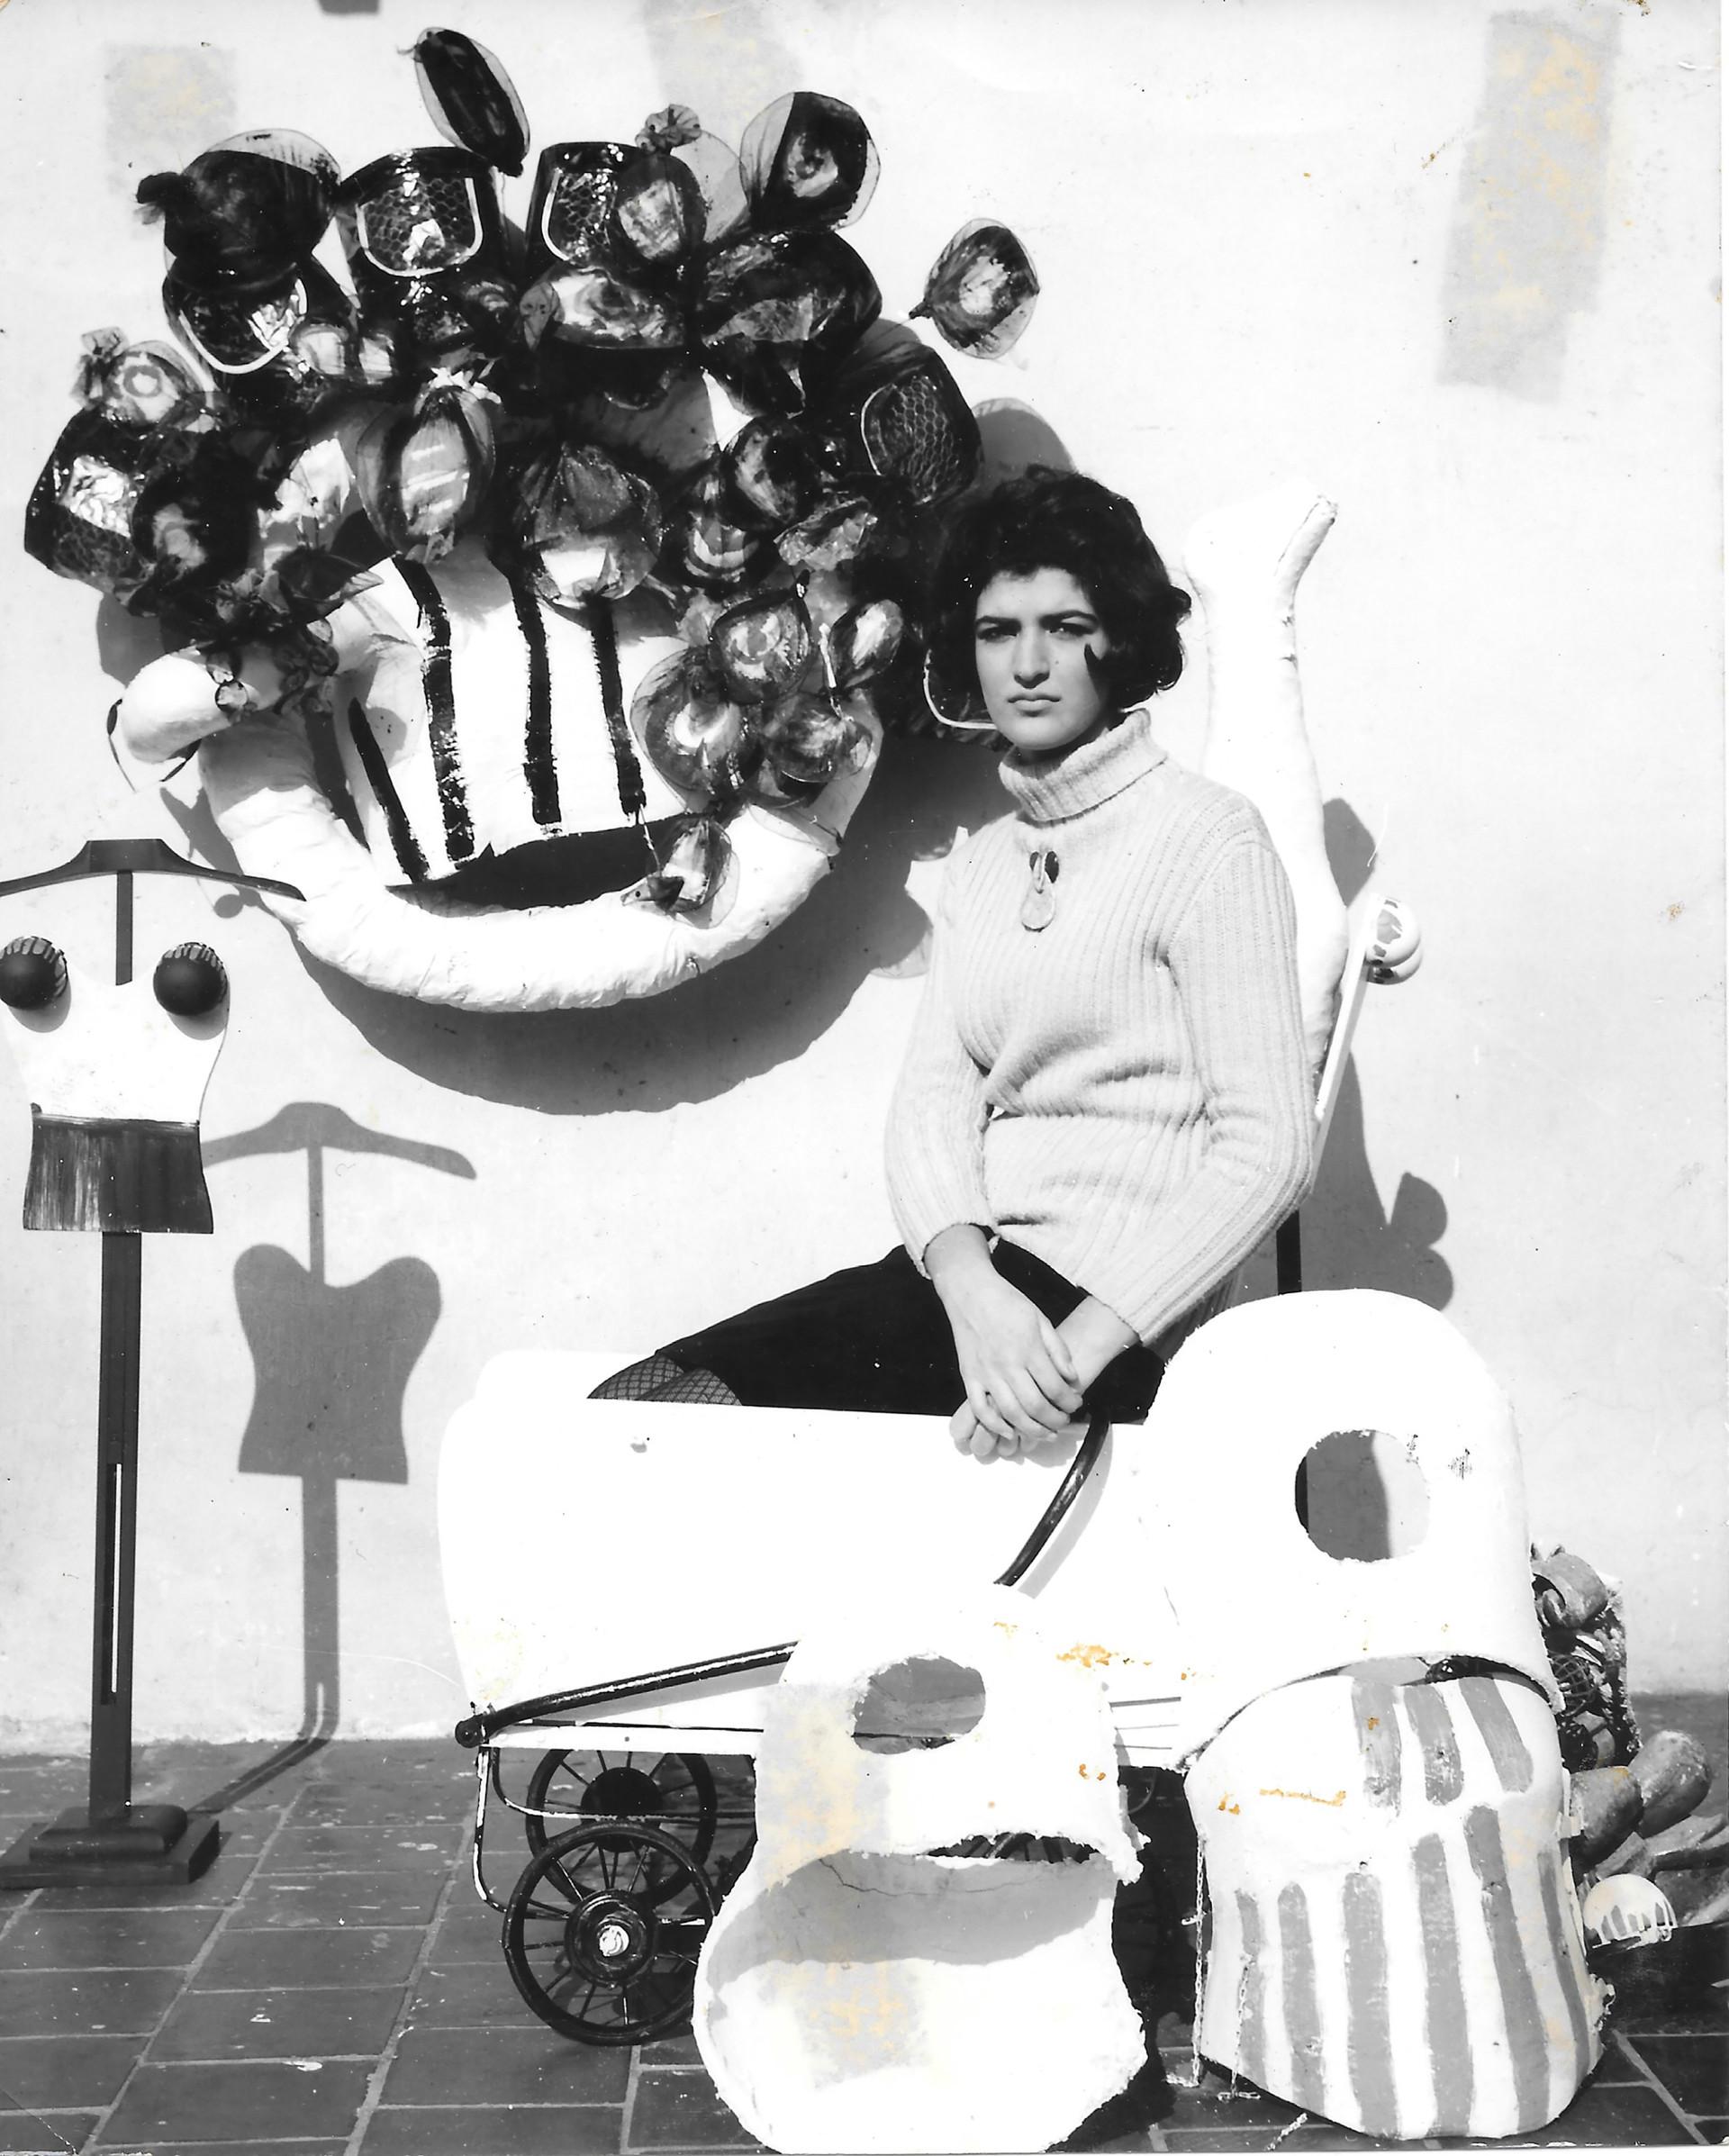 Dalila Puzzovio - La Muerte - 17,4 x 21,